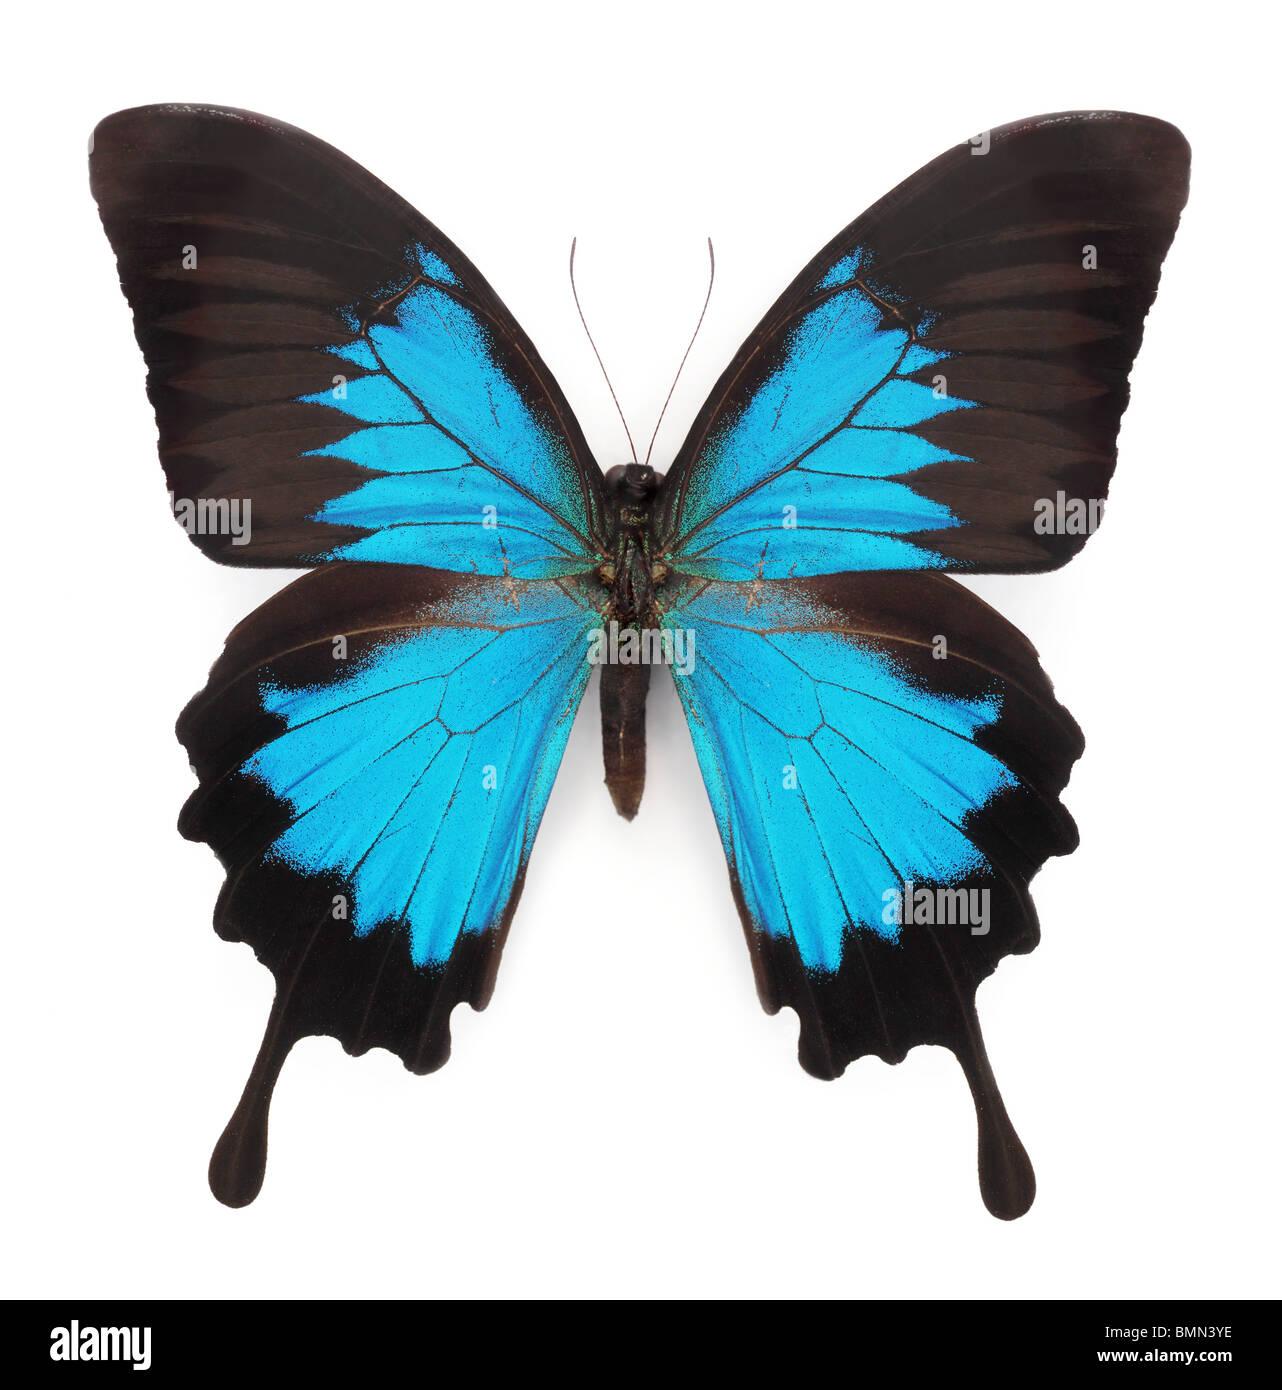 Blue Butterfly isolati su sfondo bianco Immagini Stock